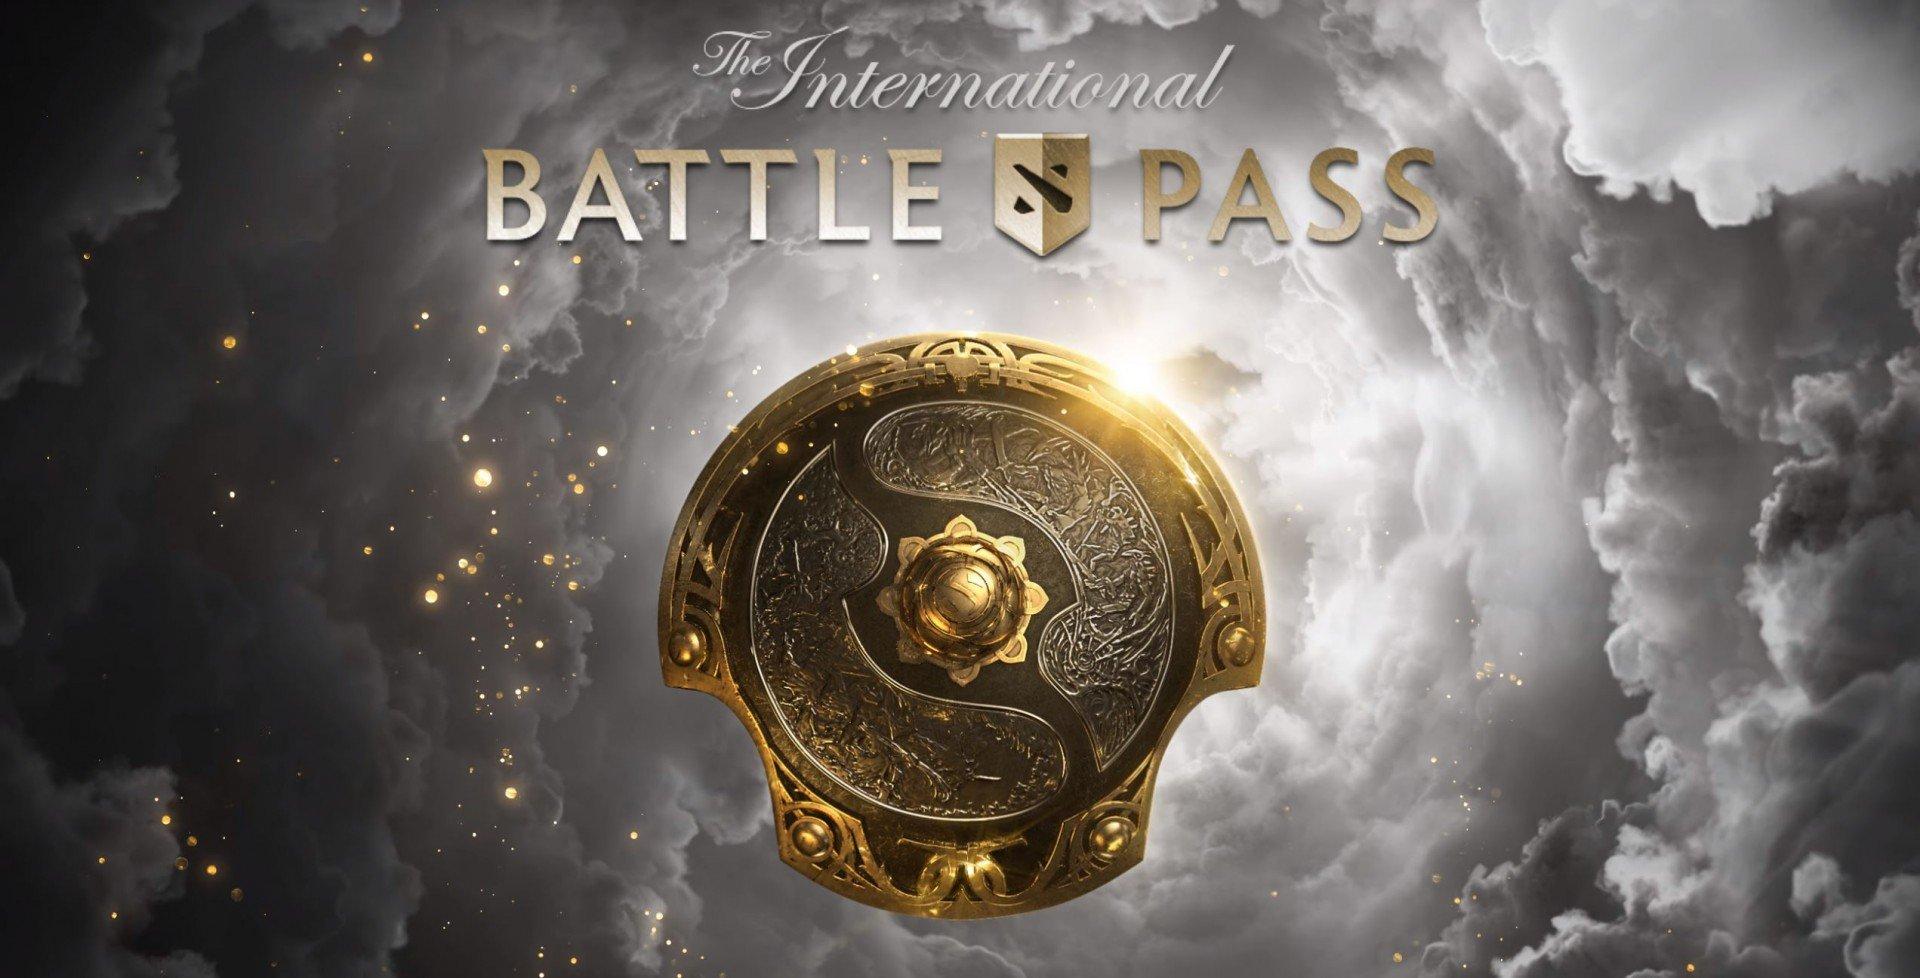 Владельцам Battle Pass подарили по 10 уровней в честь рекордного призового TI 10